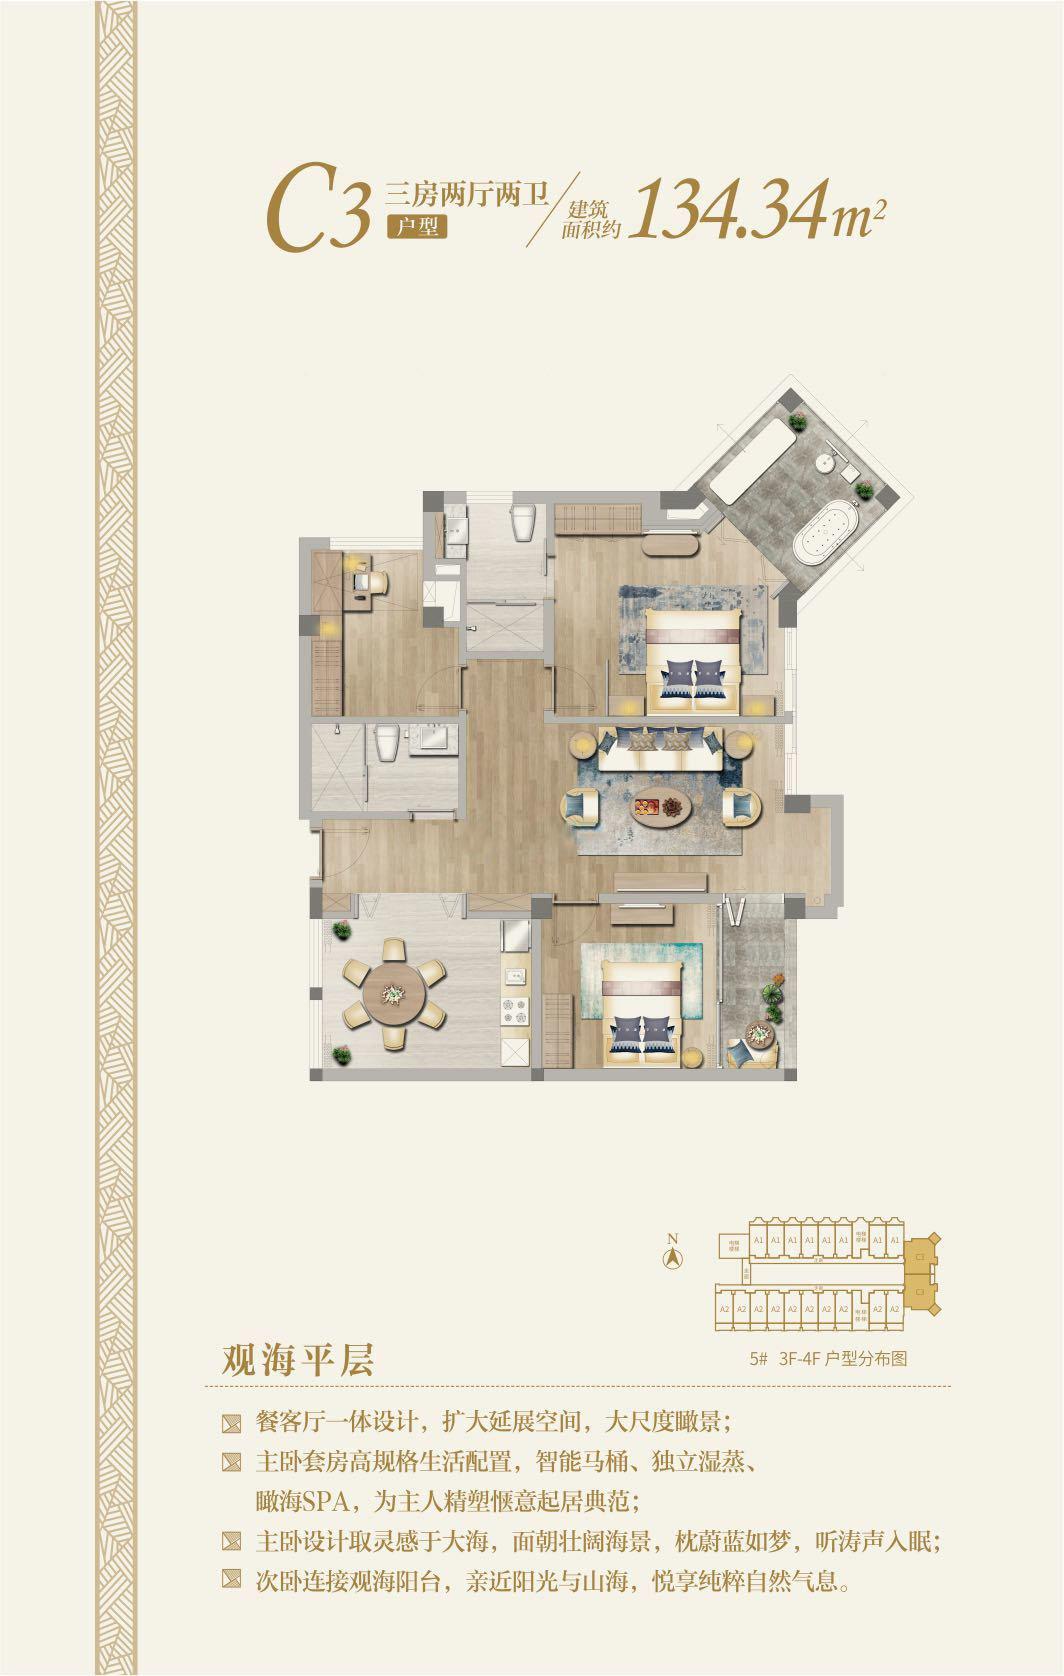 国玺二十五院观海平层C3户型 2房2厅1厨2卫 建筑面积:134.34㎡